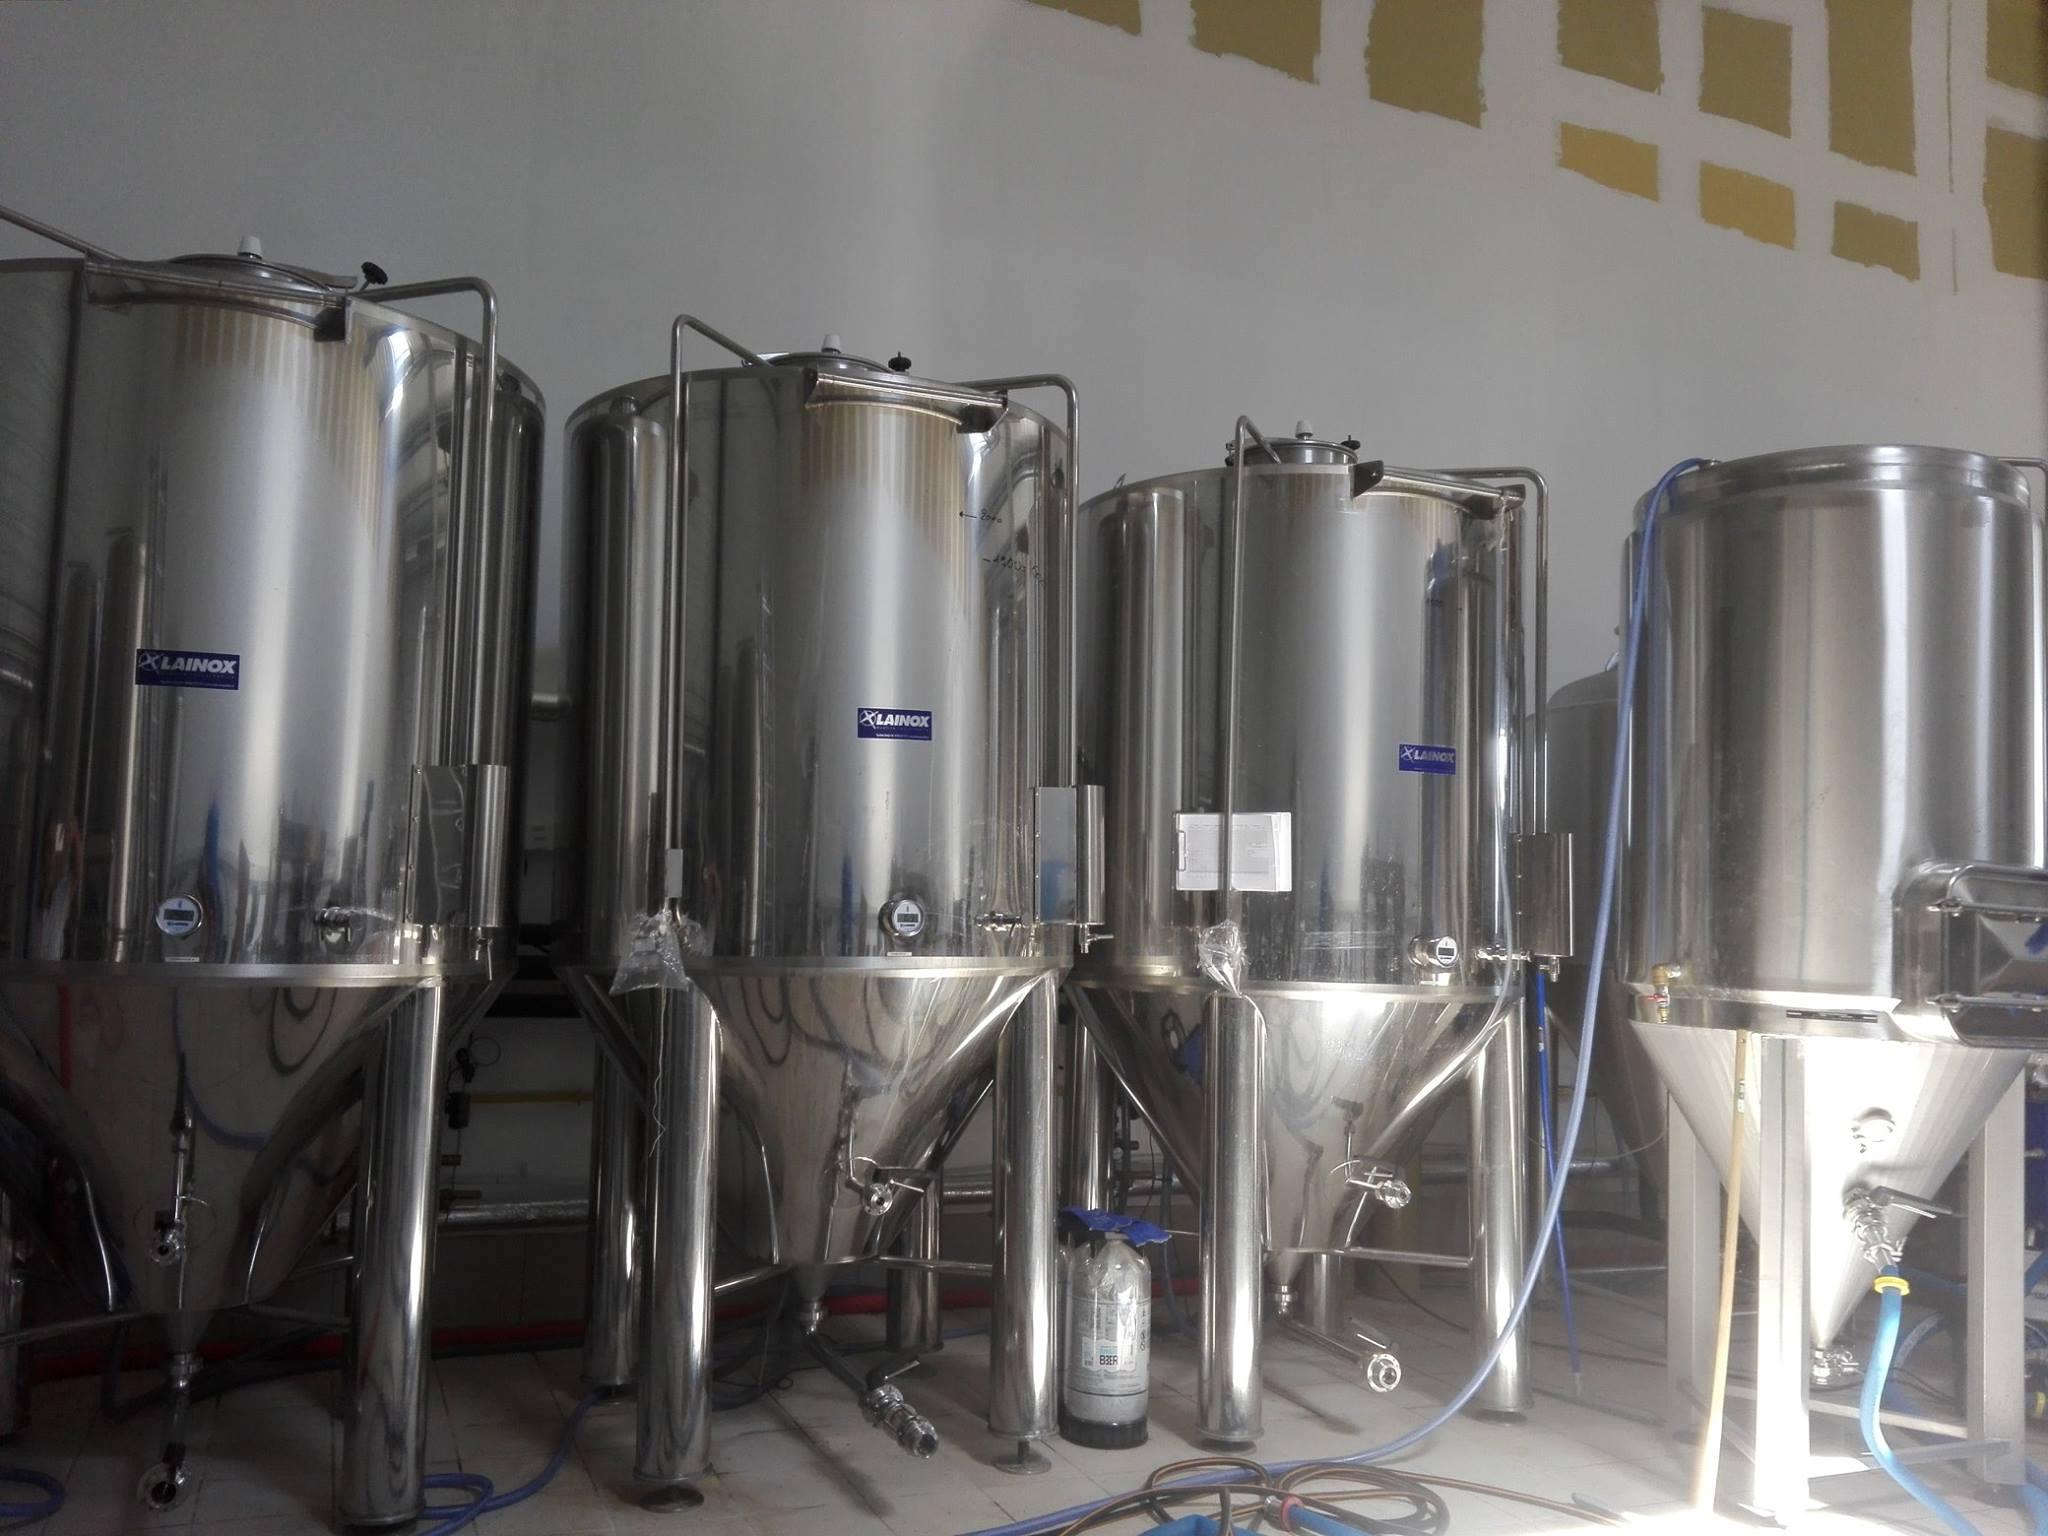 Fermenteurs - Les Brasseurs de l'Esterel - Riviera Beer